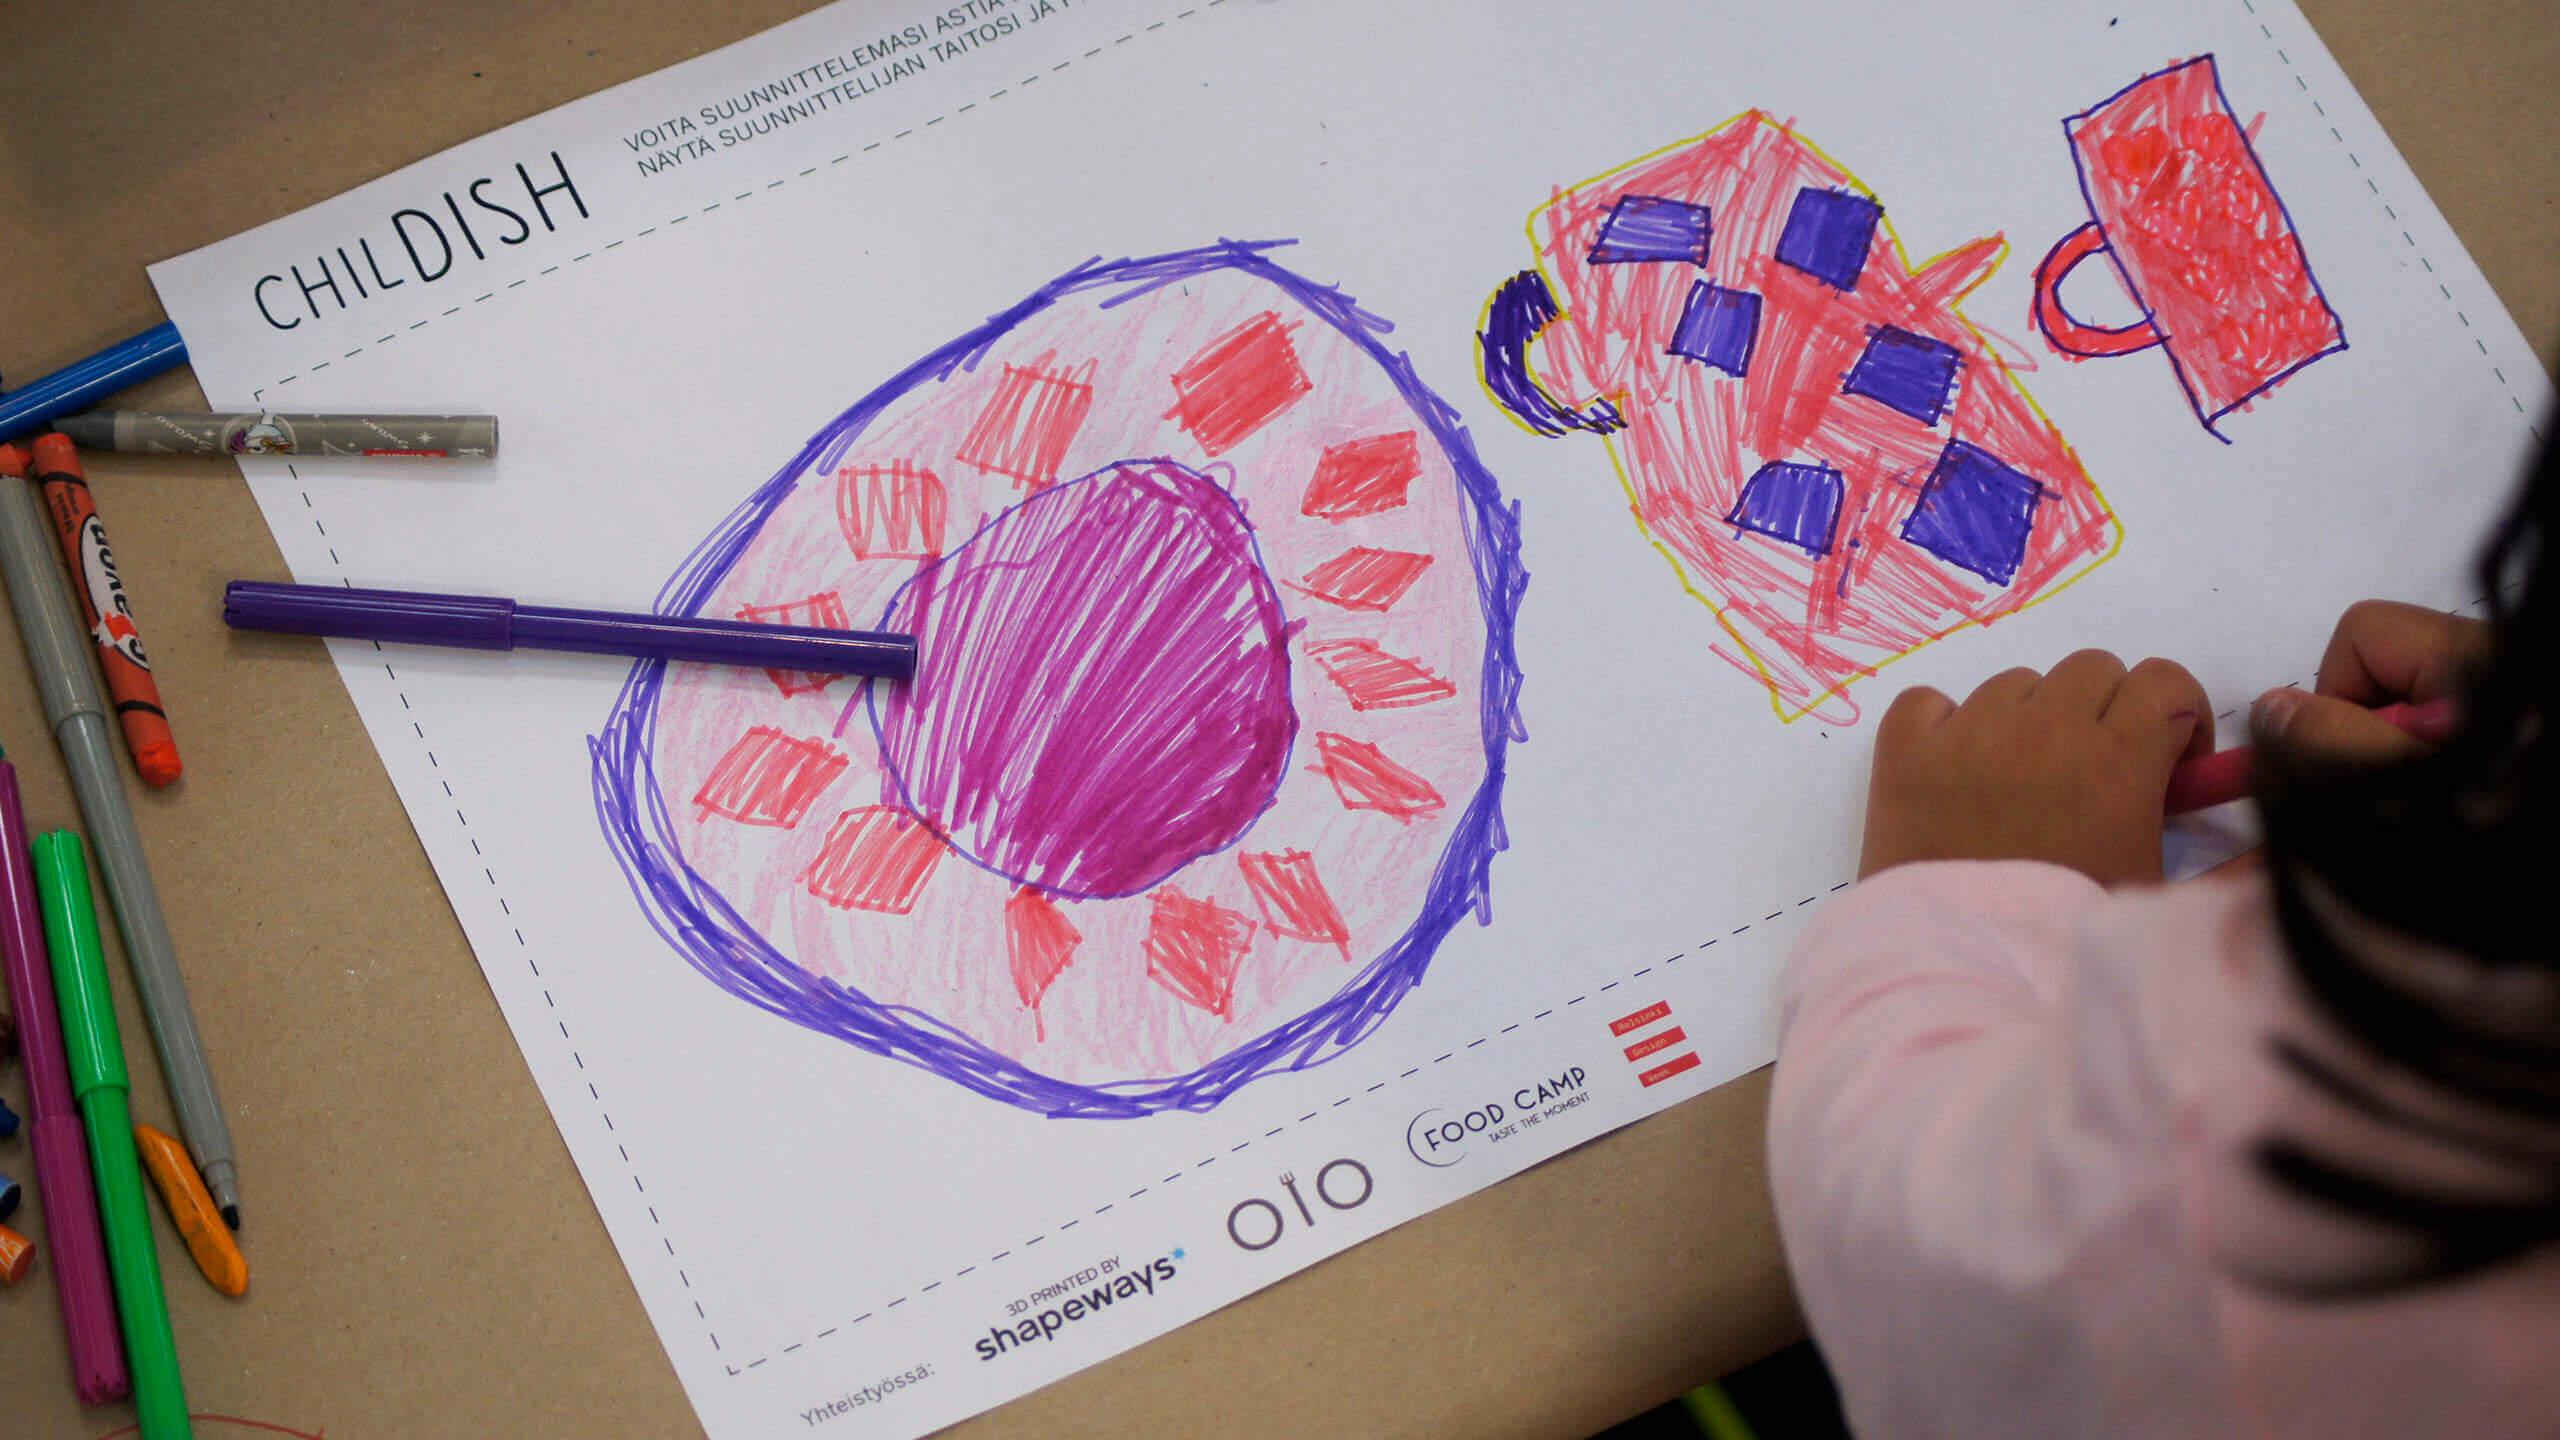 Das fertige Produkt entstammt dem Entwurf einer Kinderzeichnung (Bild © chil-dish.fi).